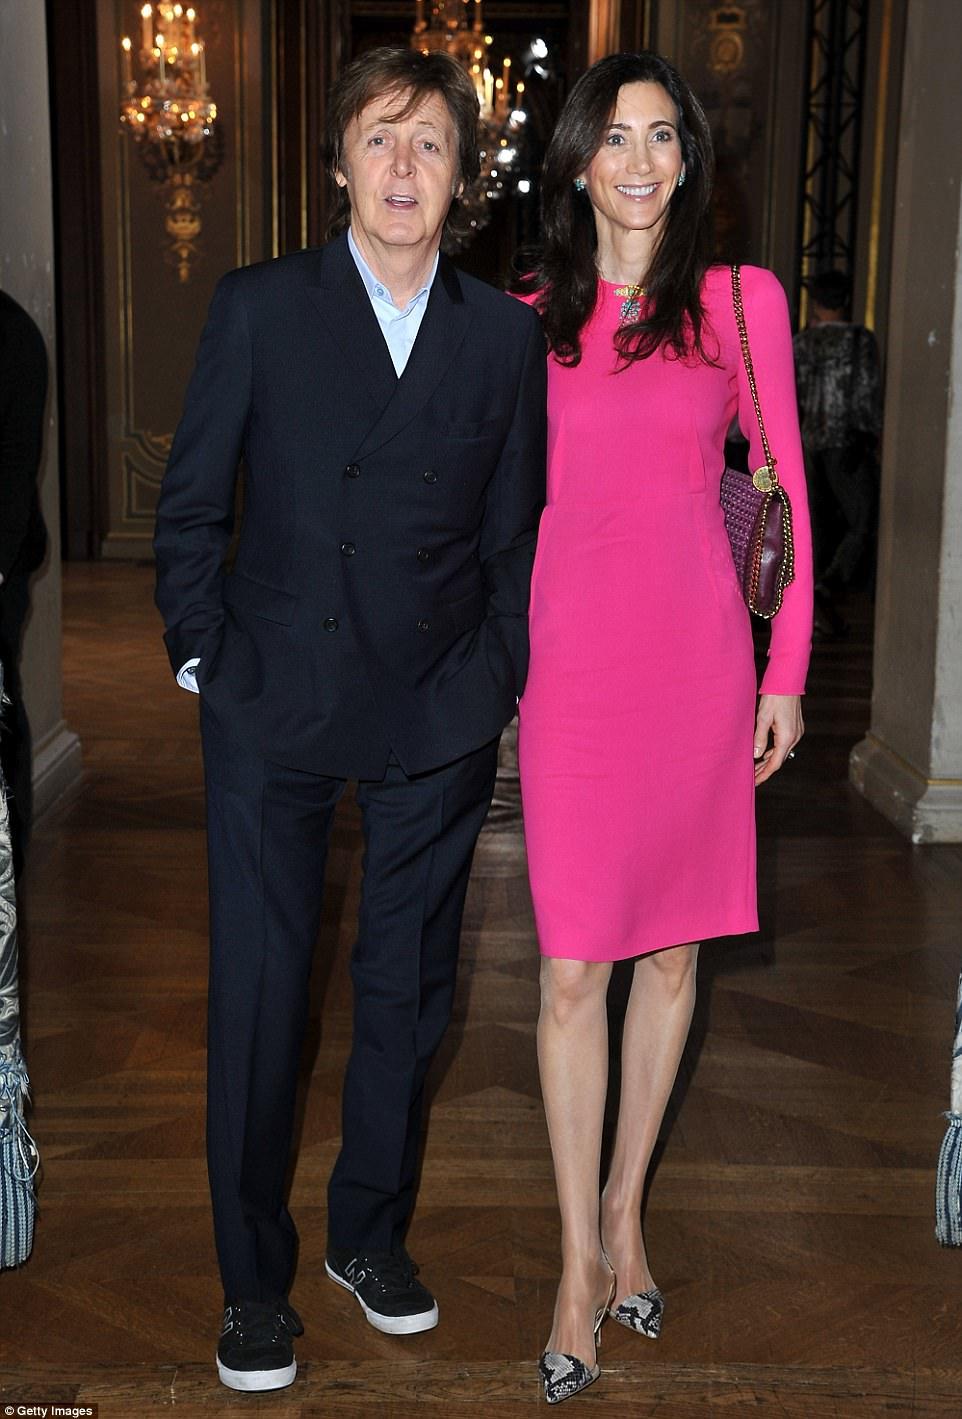 Rupert Murdoch Wendi Deng Wedding